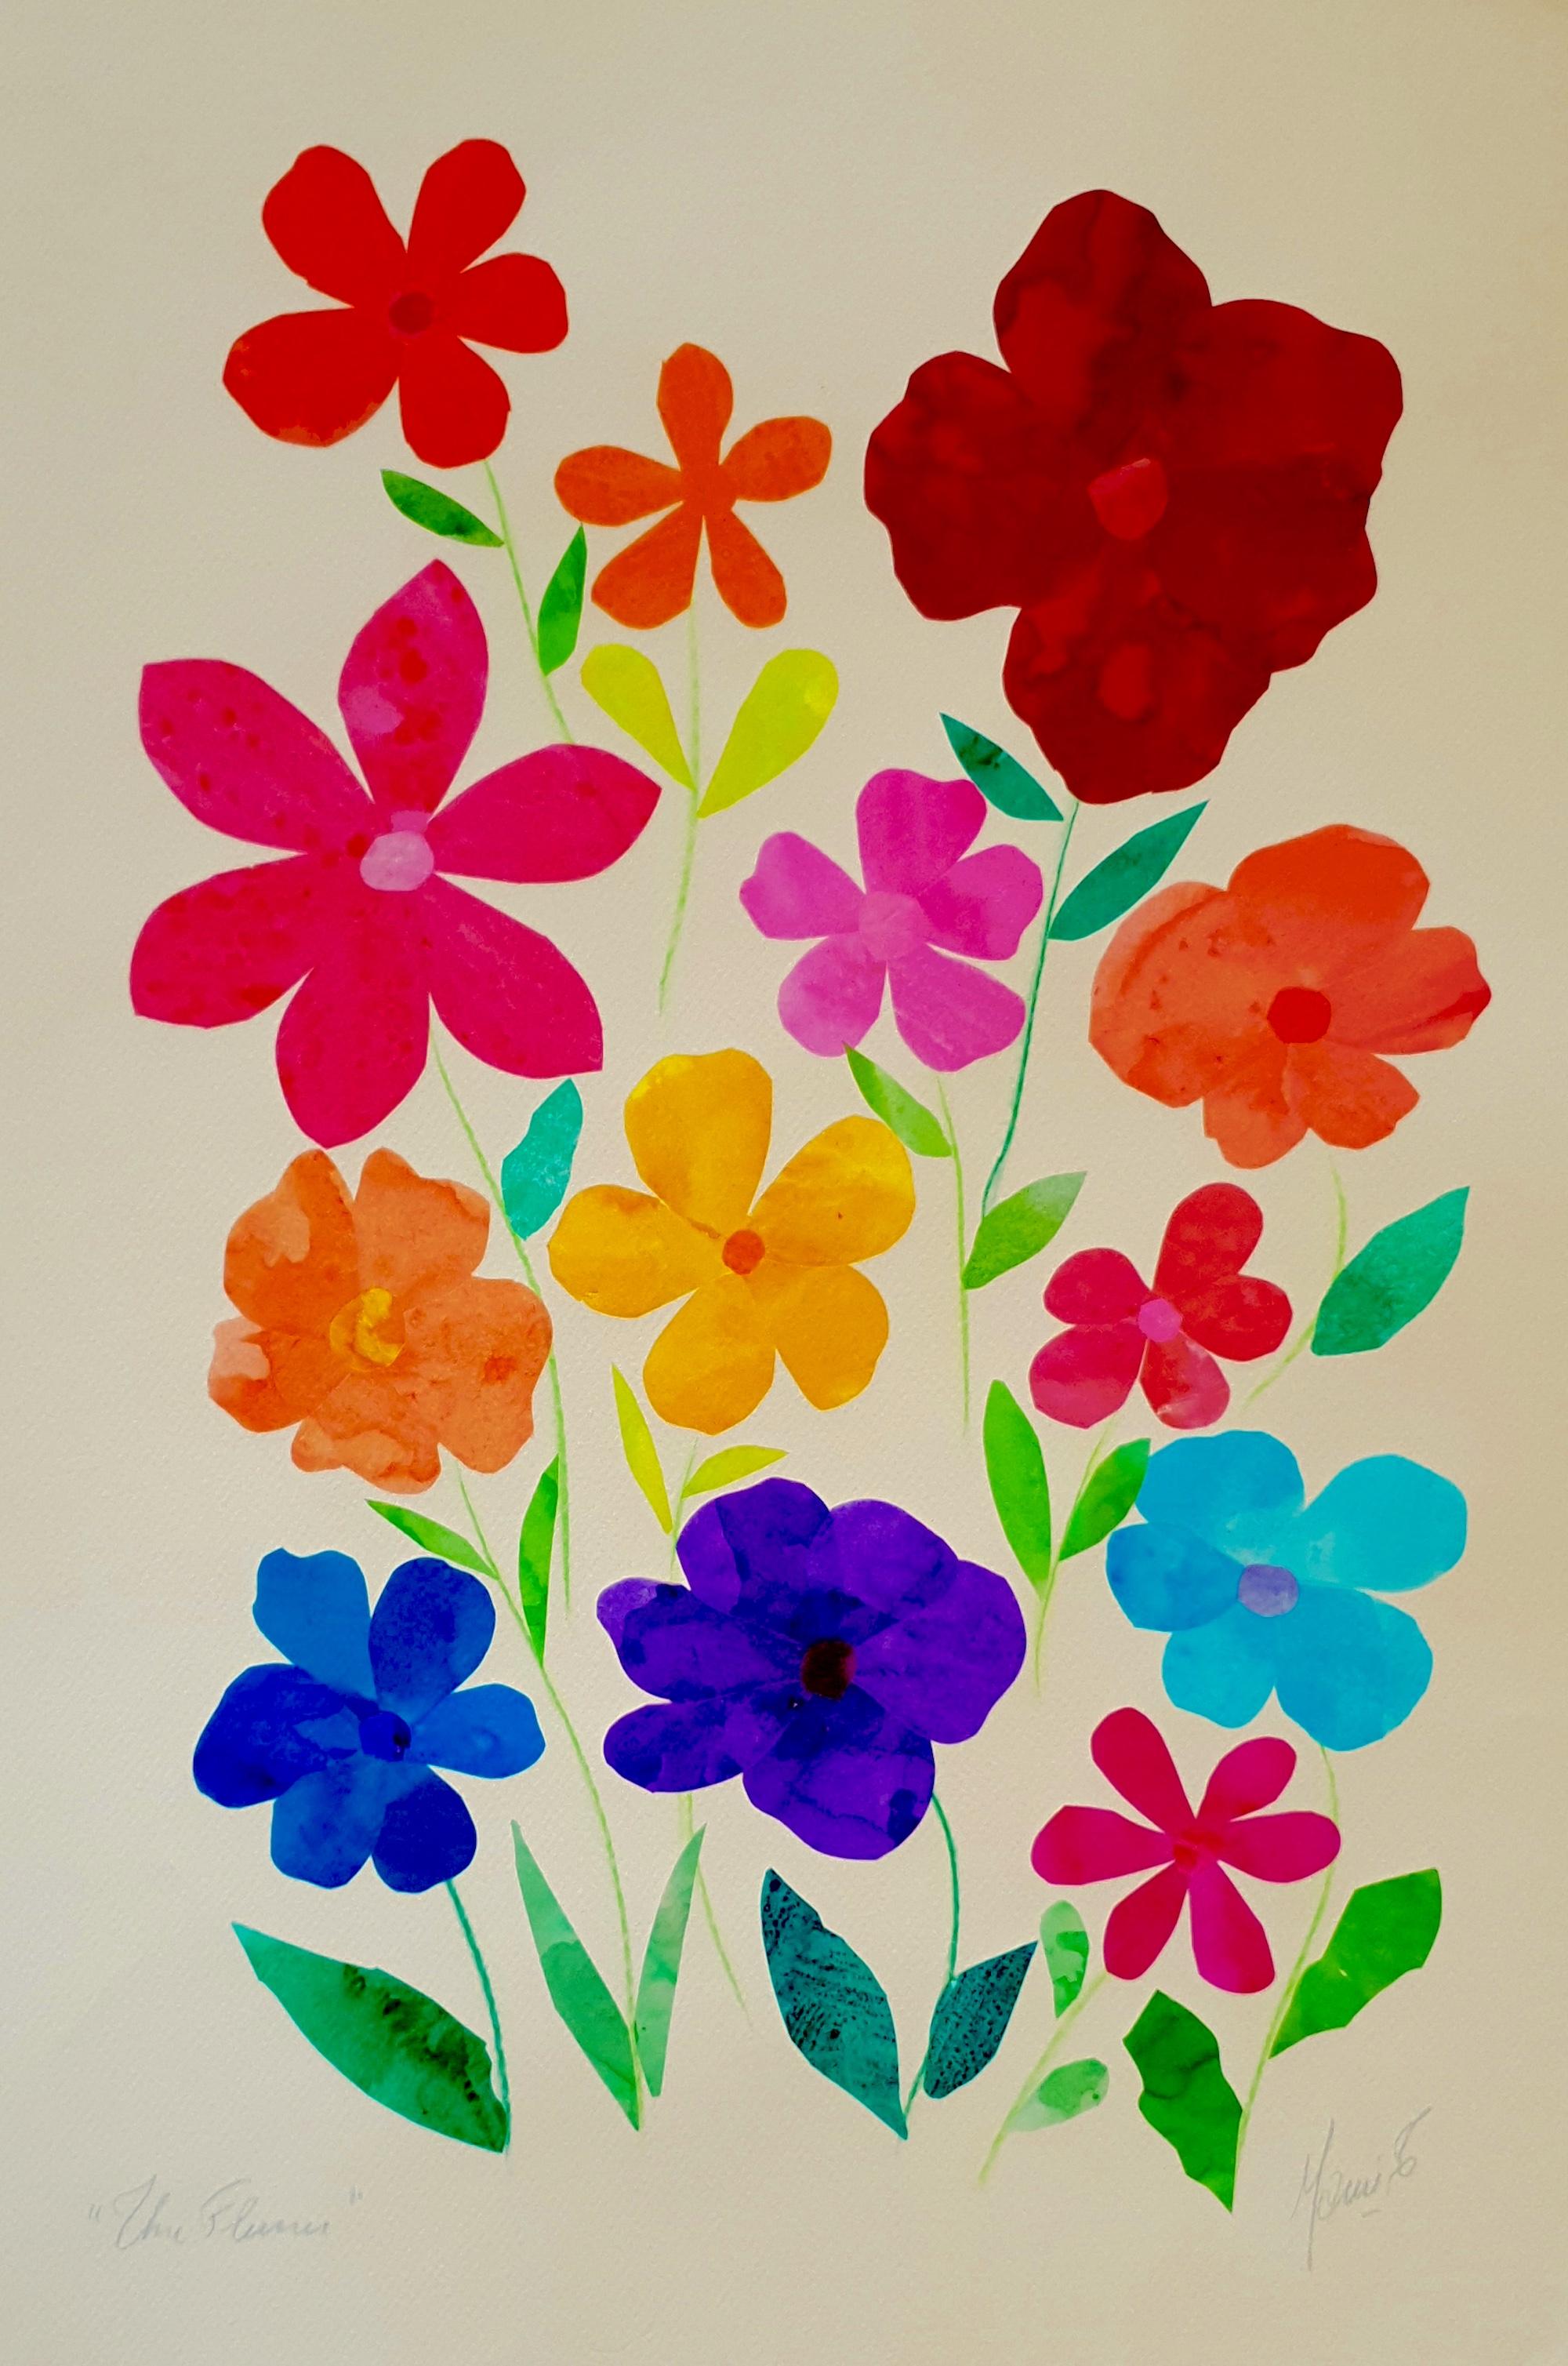 MAMI/ Images et Poésie, The Flowers